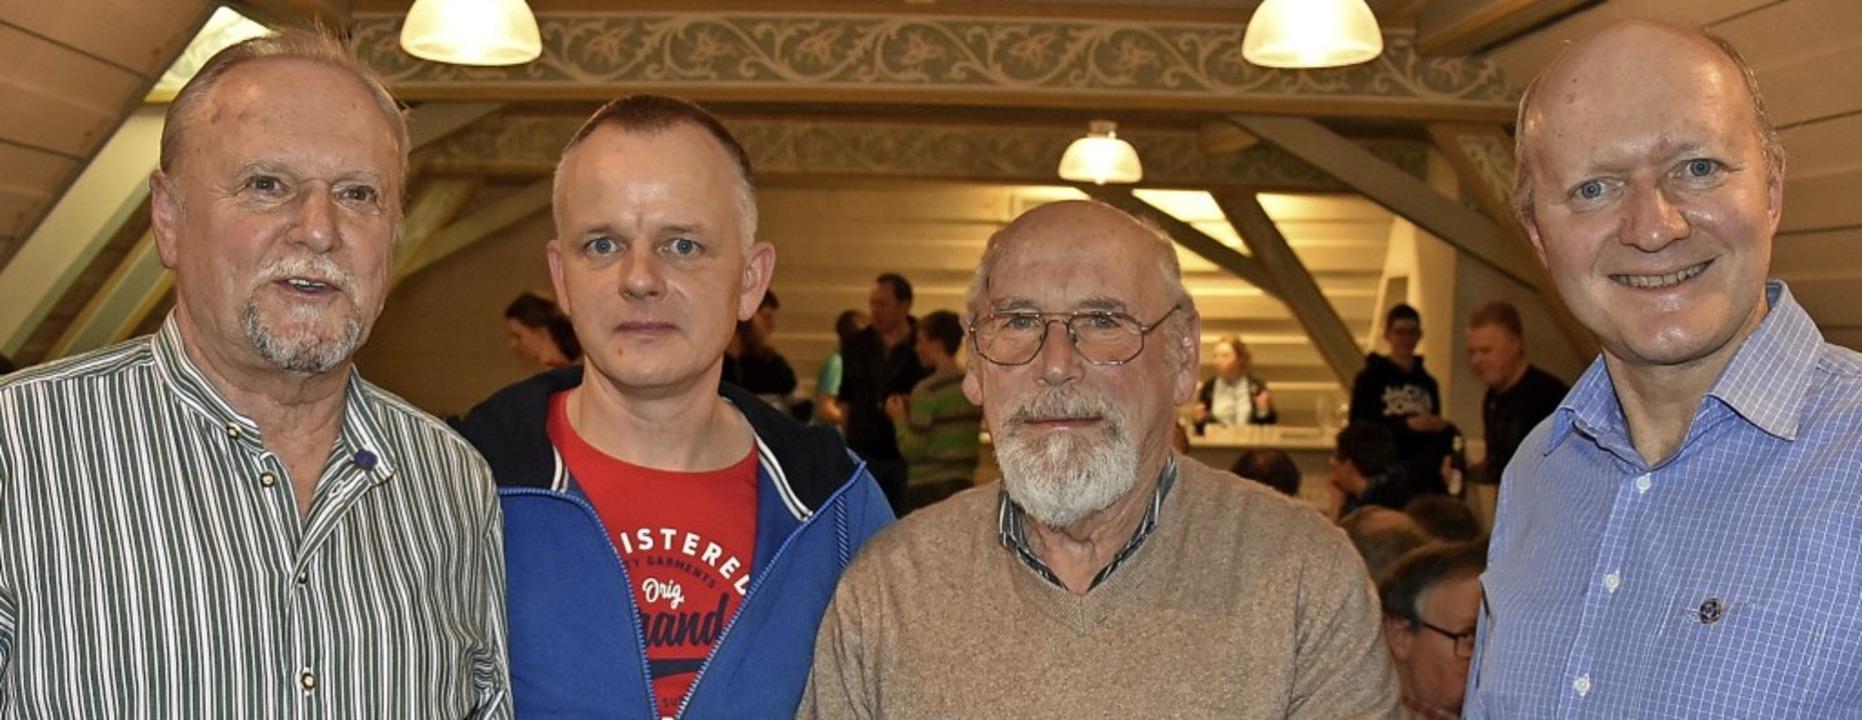 Musikverein-Vorsitzender Martin Reinl ...links), Hans Drechsle und Harold Stern  | Foto: Heinz und Monika Vollmar